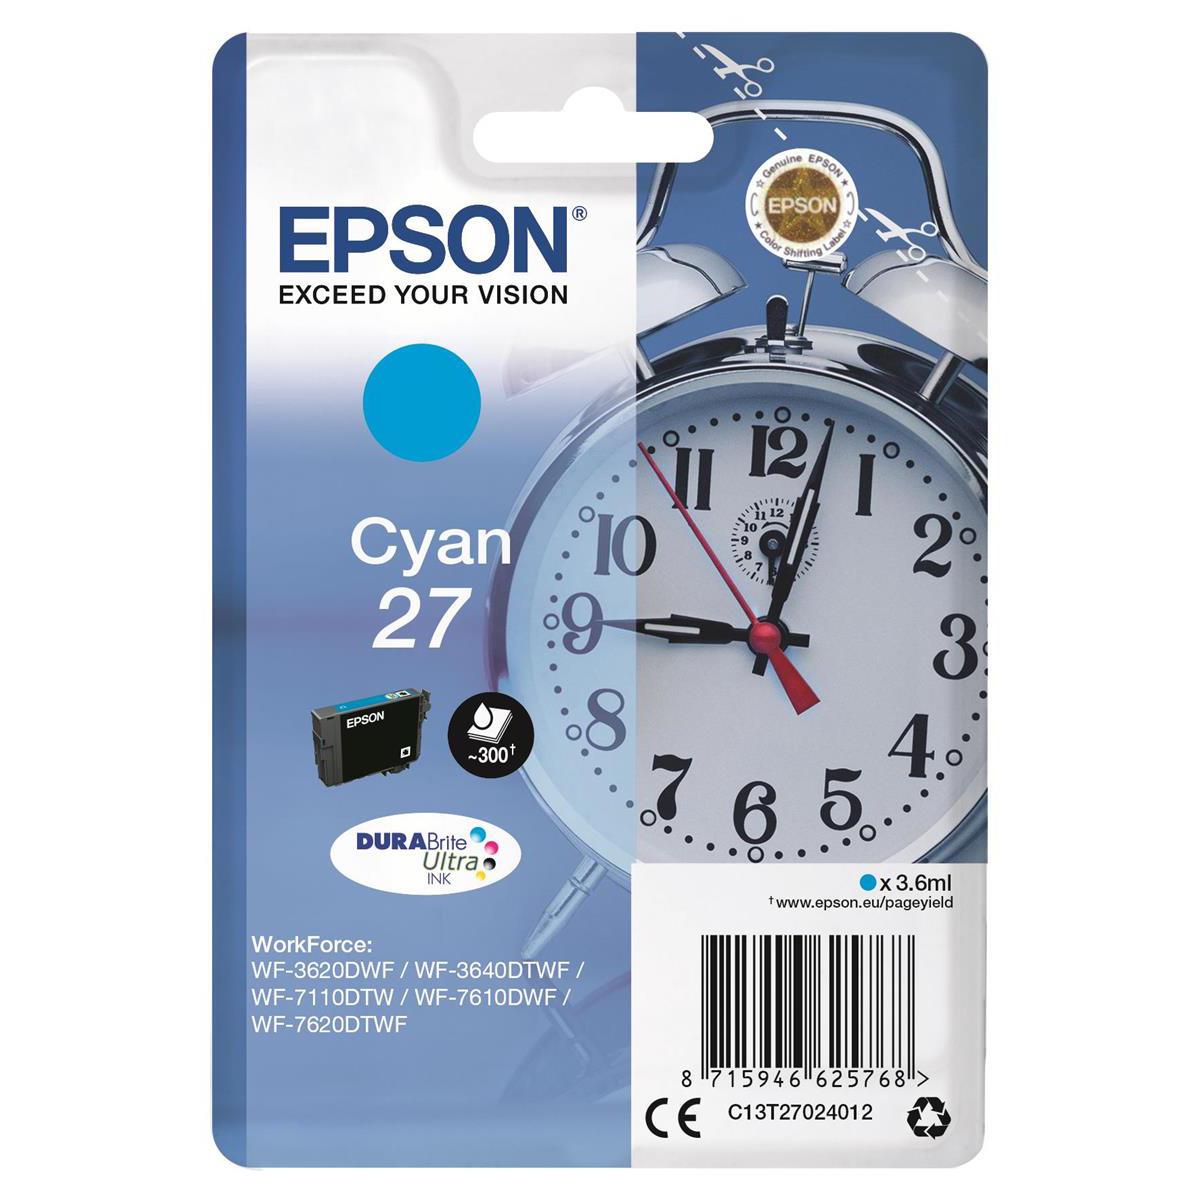 Epson 27 InkJet Cart Cyan C13T27024012